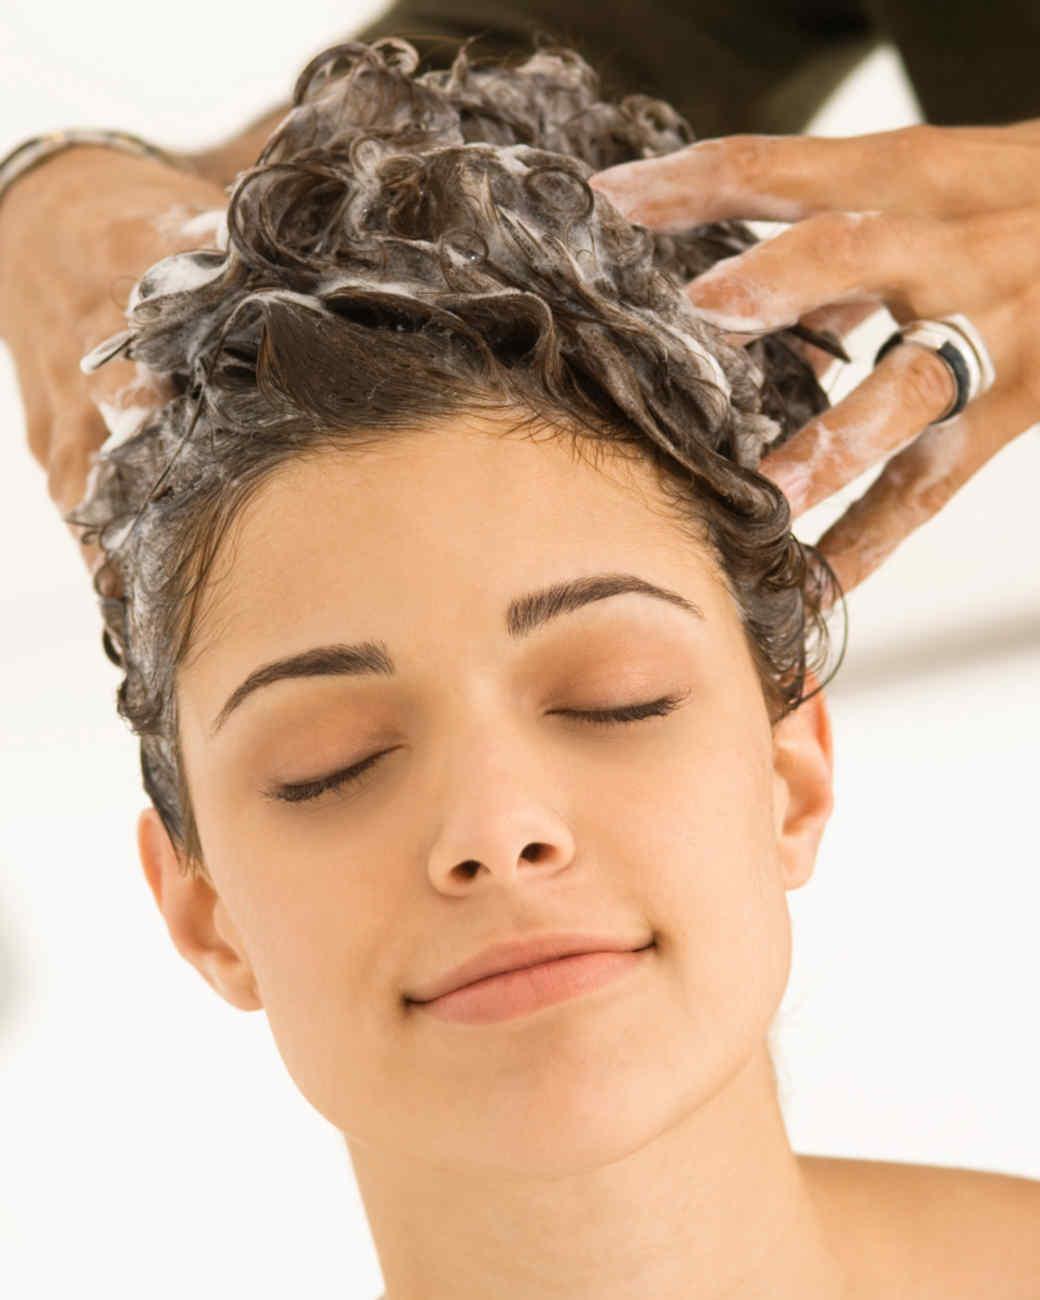 bc-hair-thick-5-getty-89799722.jpg